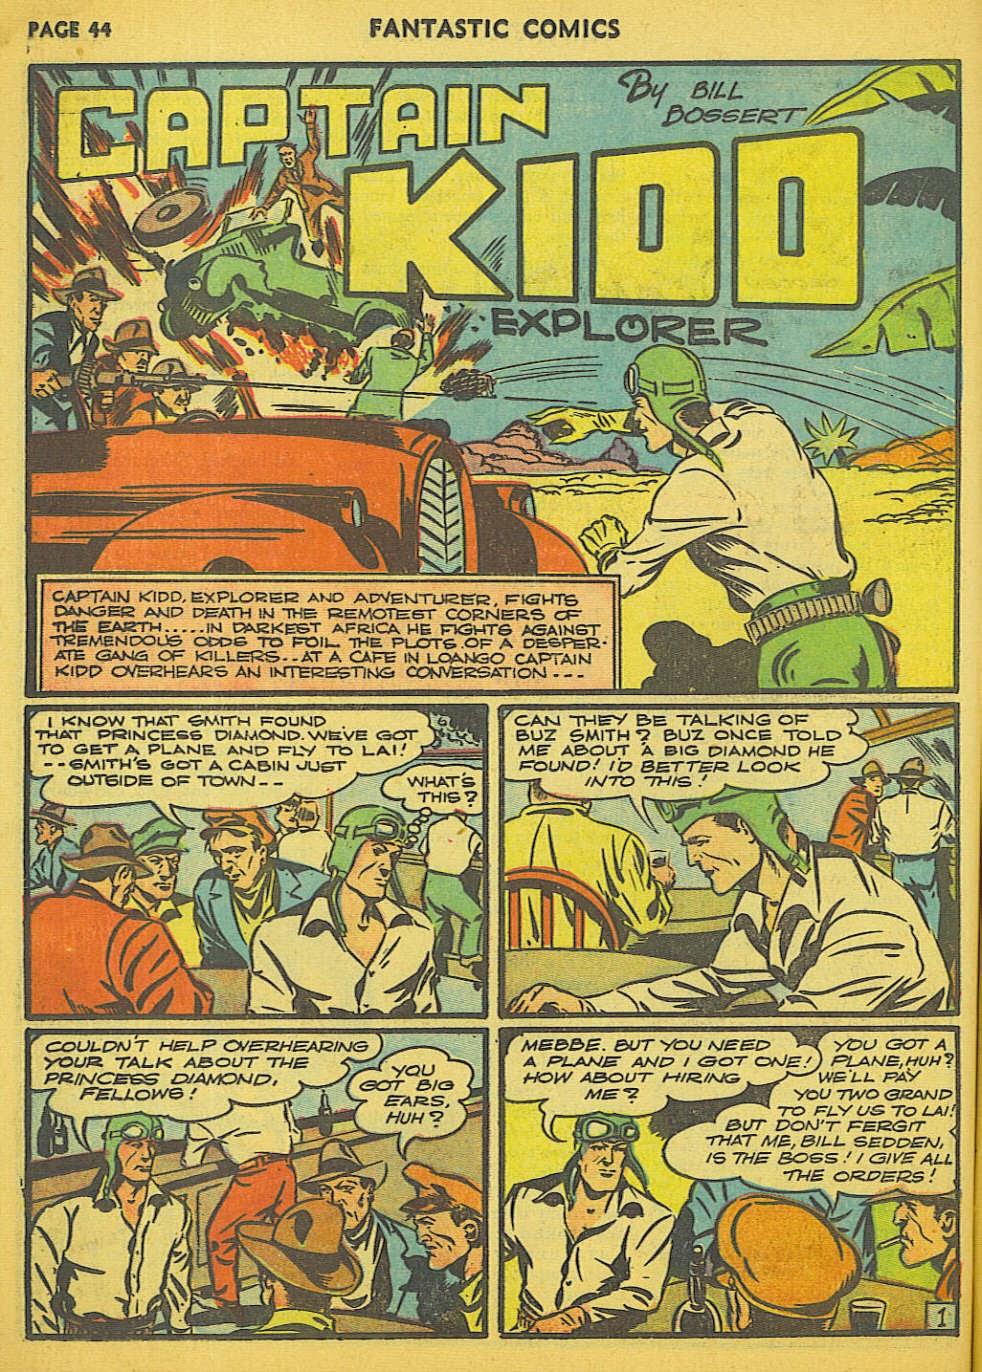 Read online Fantastic Comics comic -  Issue #15 - 38